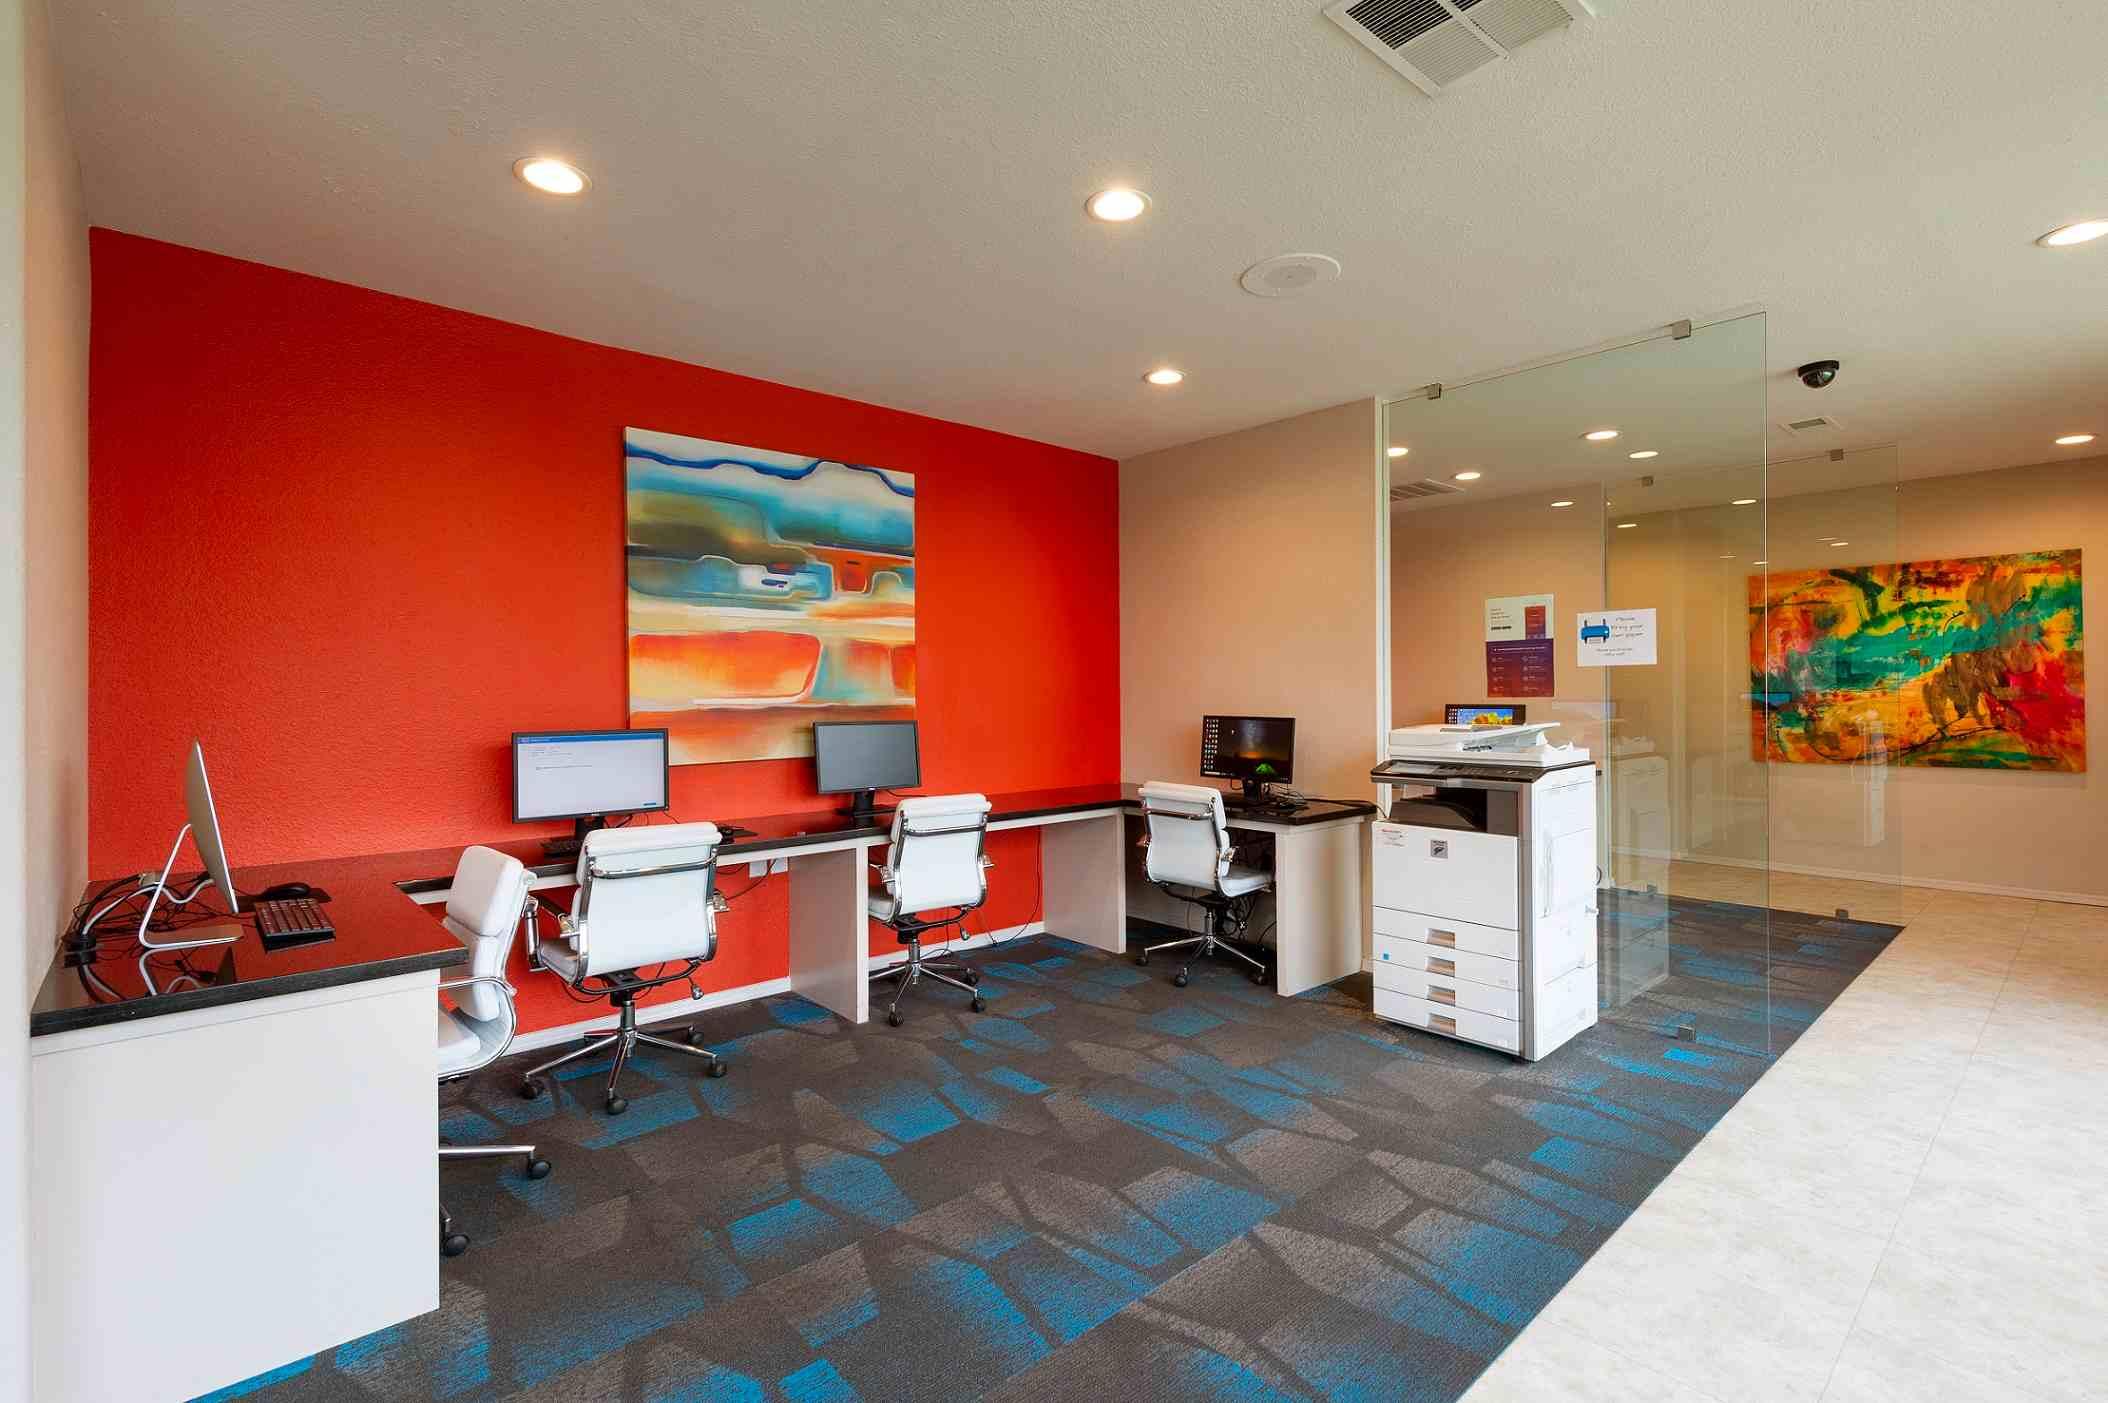 Gateway-At-Tempe-AZ-Study-Area-Unilodgers